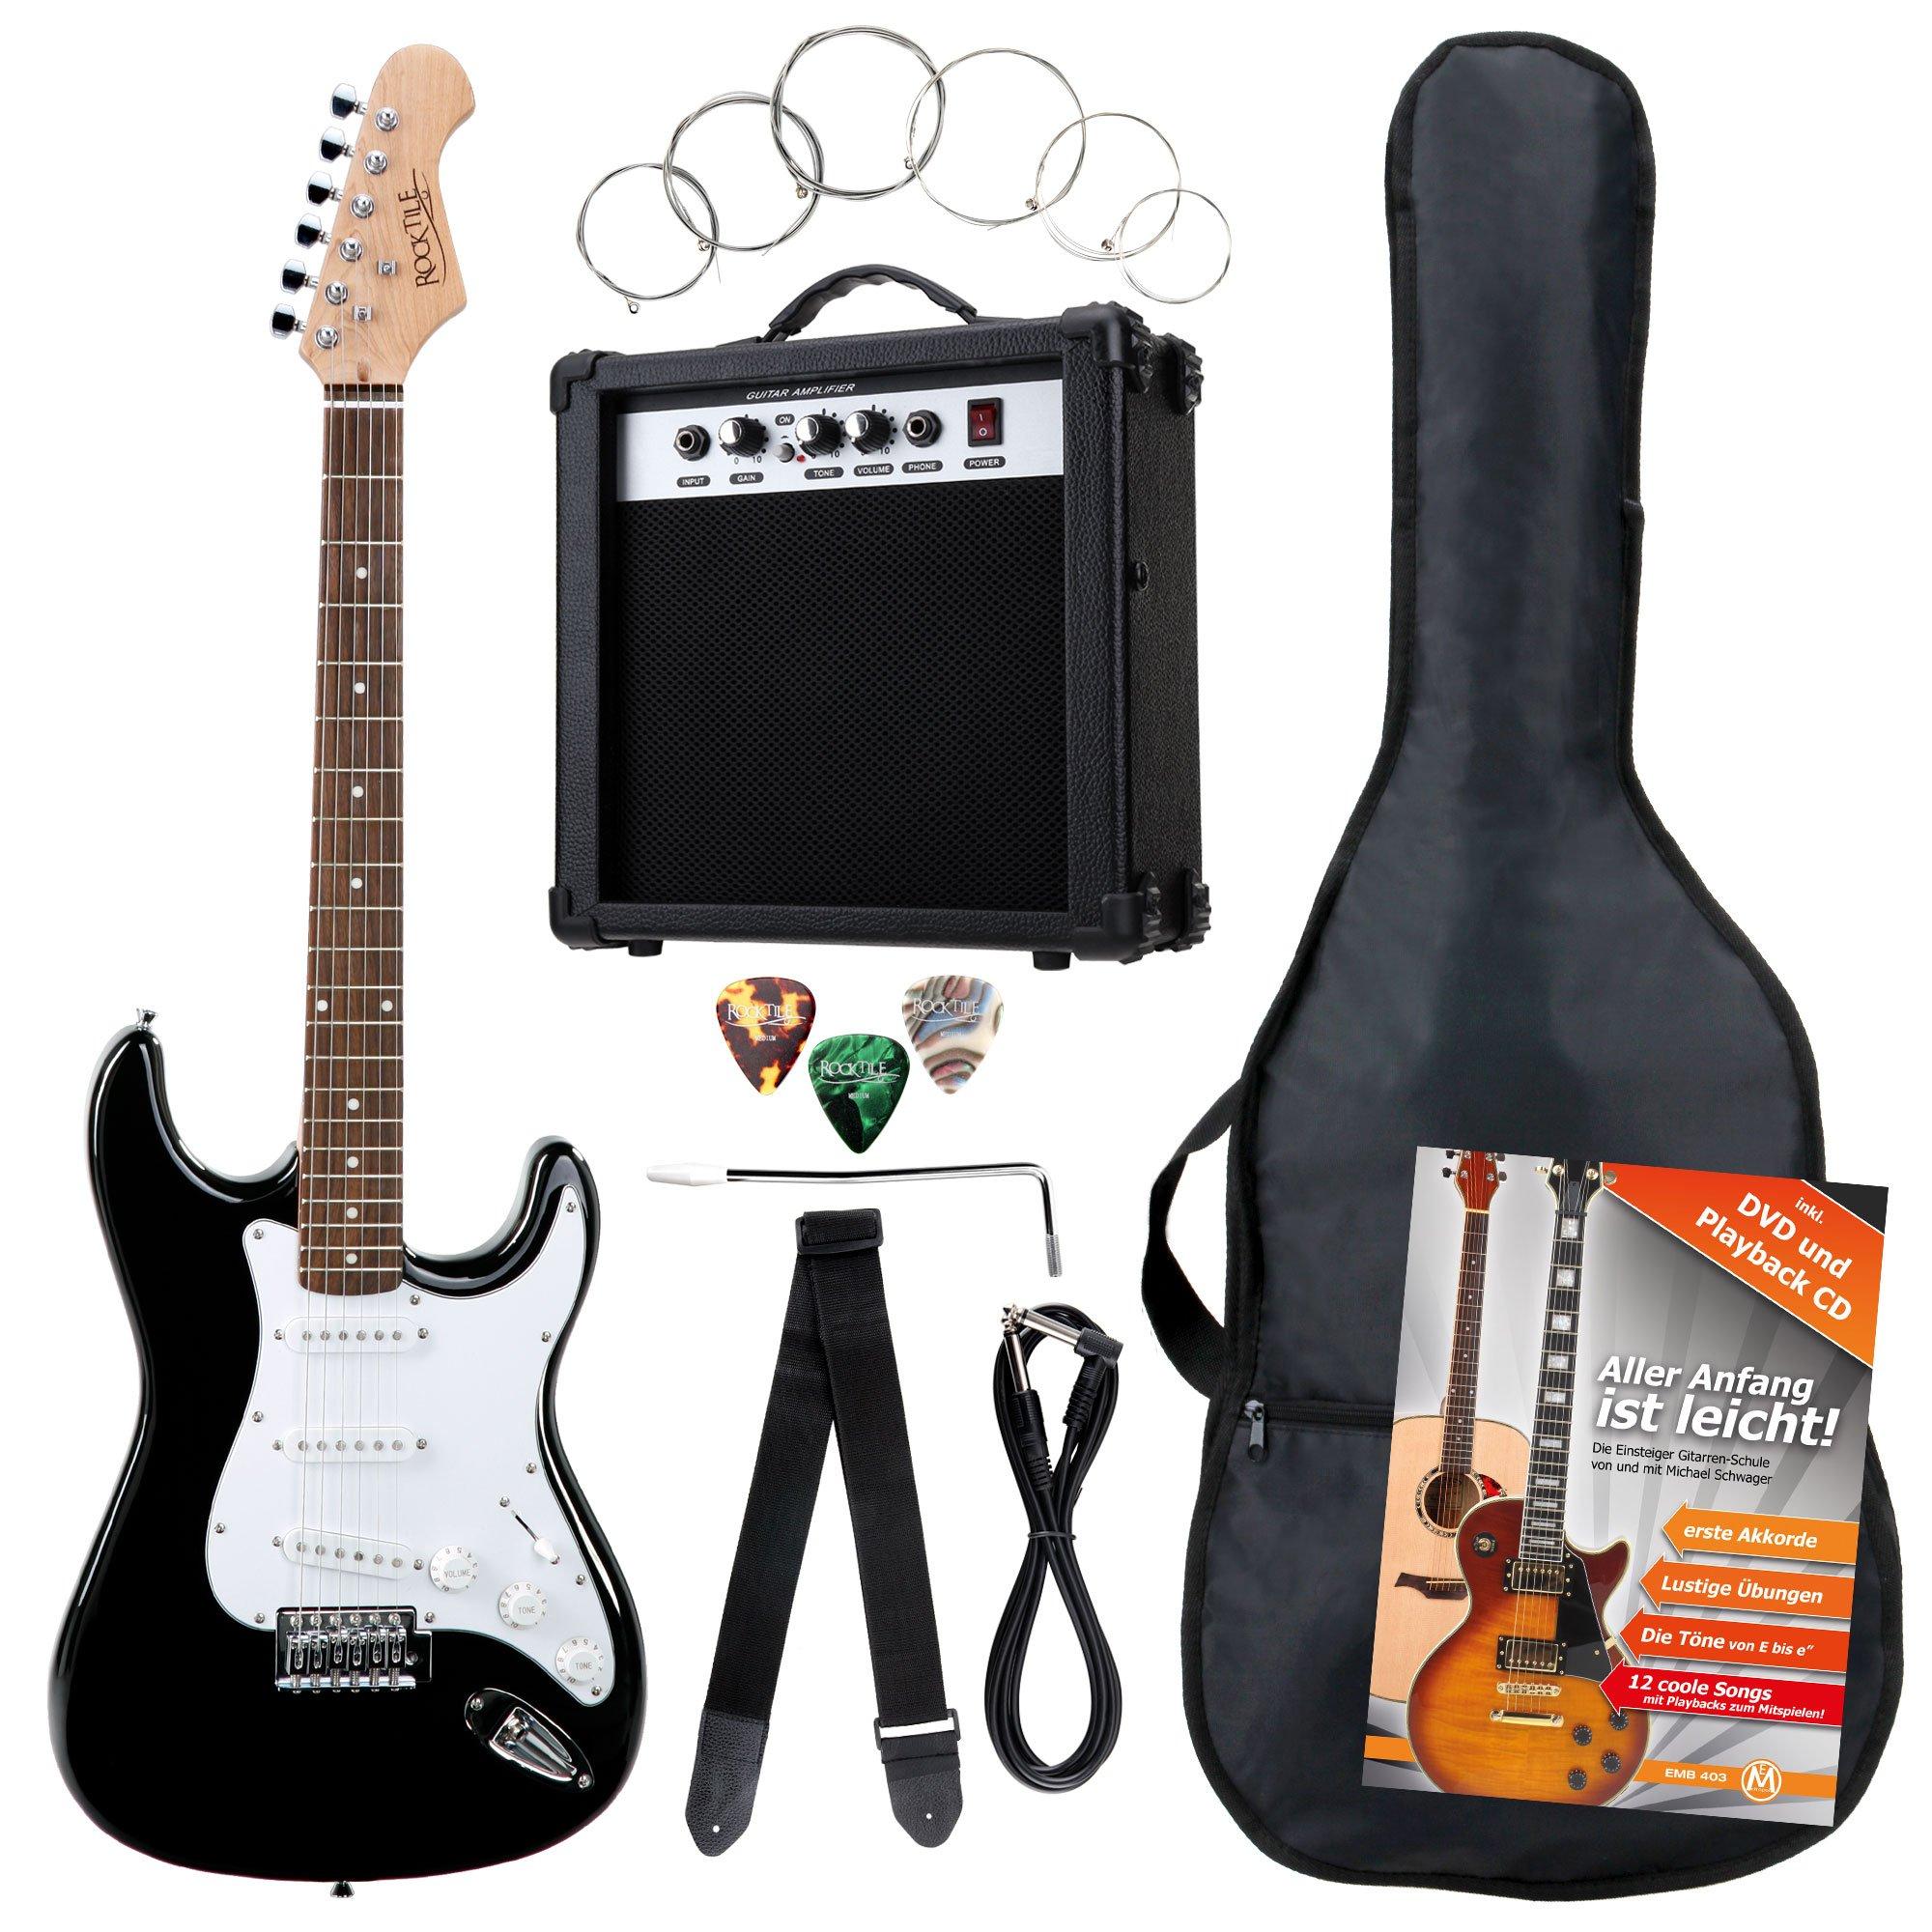 Rocktile 19331 - Pack guitarra eléctrica Banger 7 piezas, color negro: Amazon.es: Instrumentos musicales